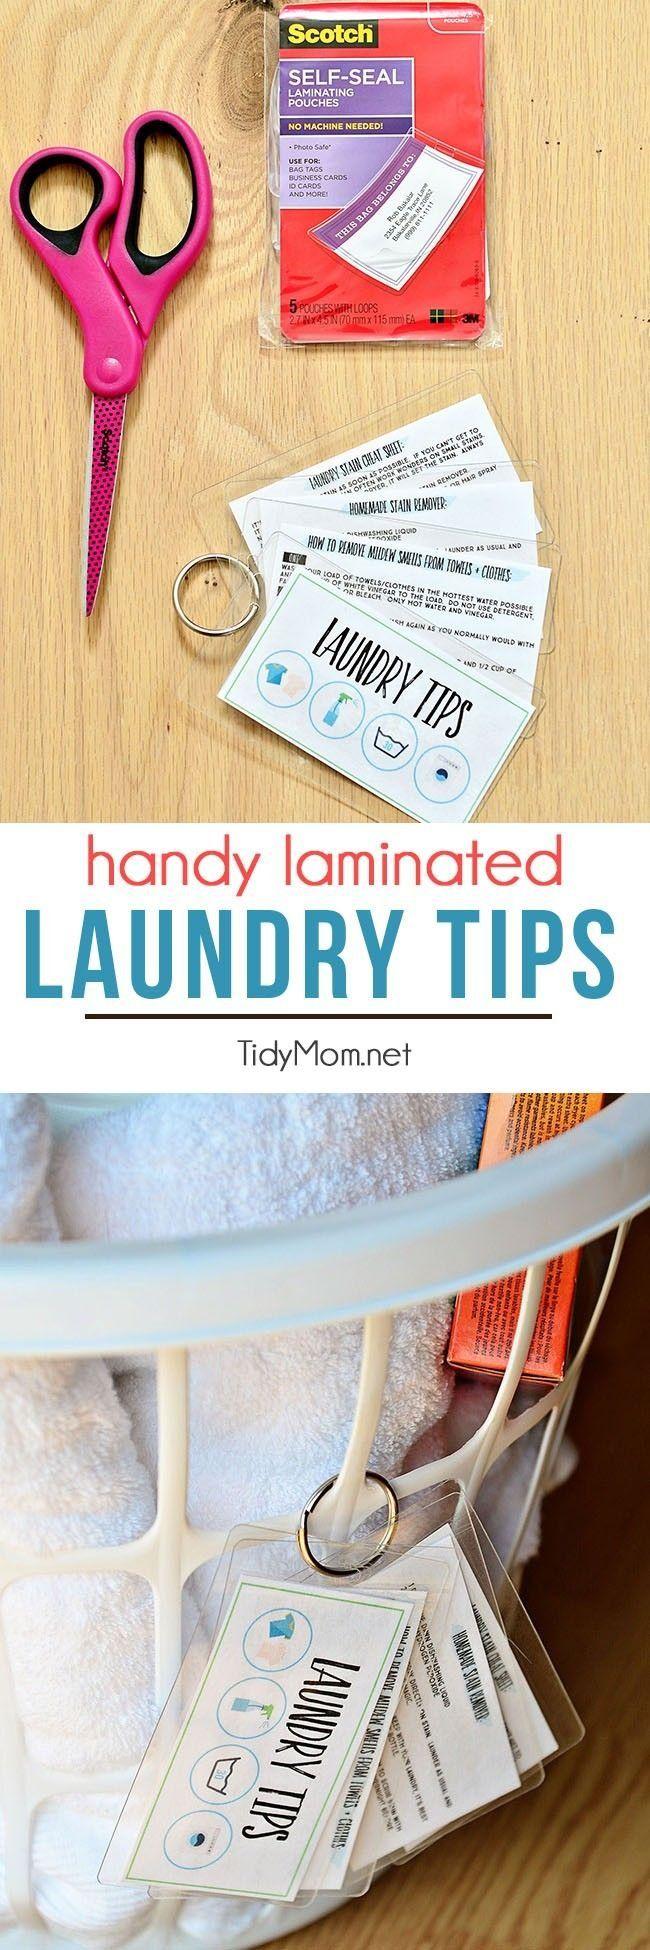 Printable Laundry Tips Laminated Flip Book #laundrydiy